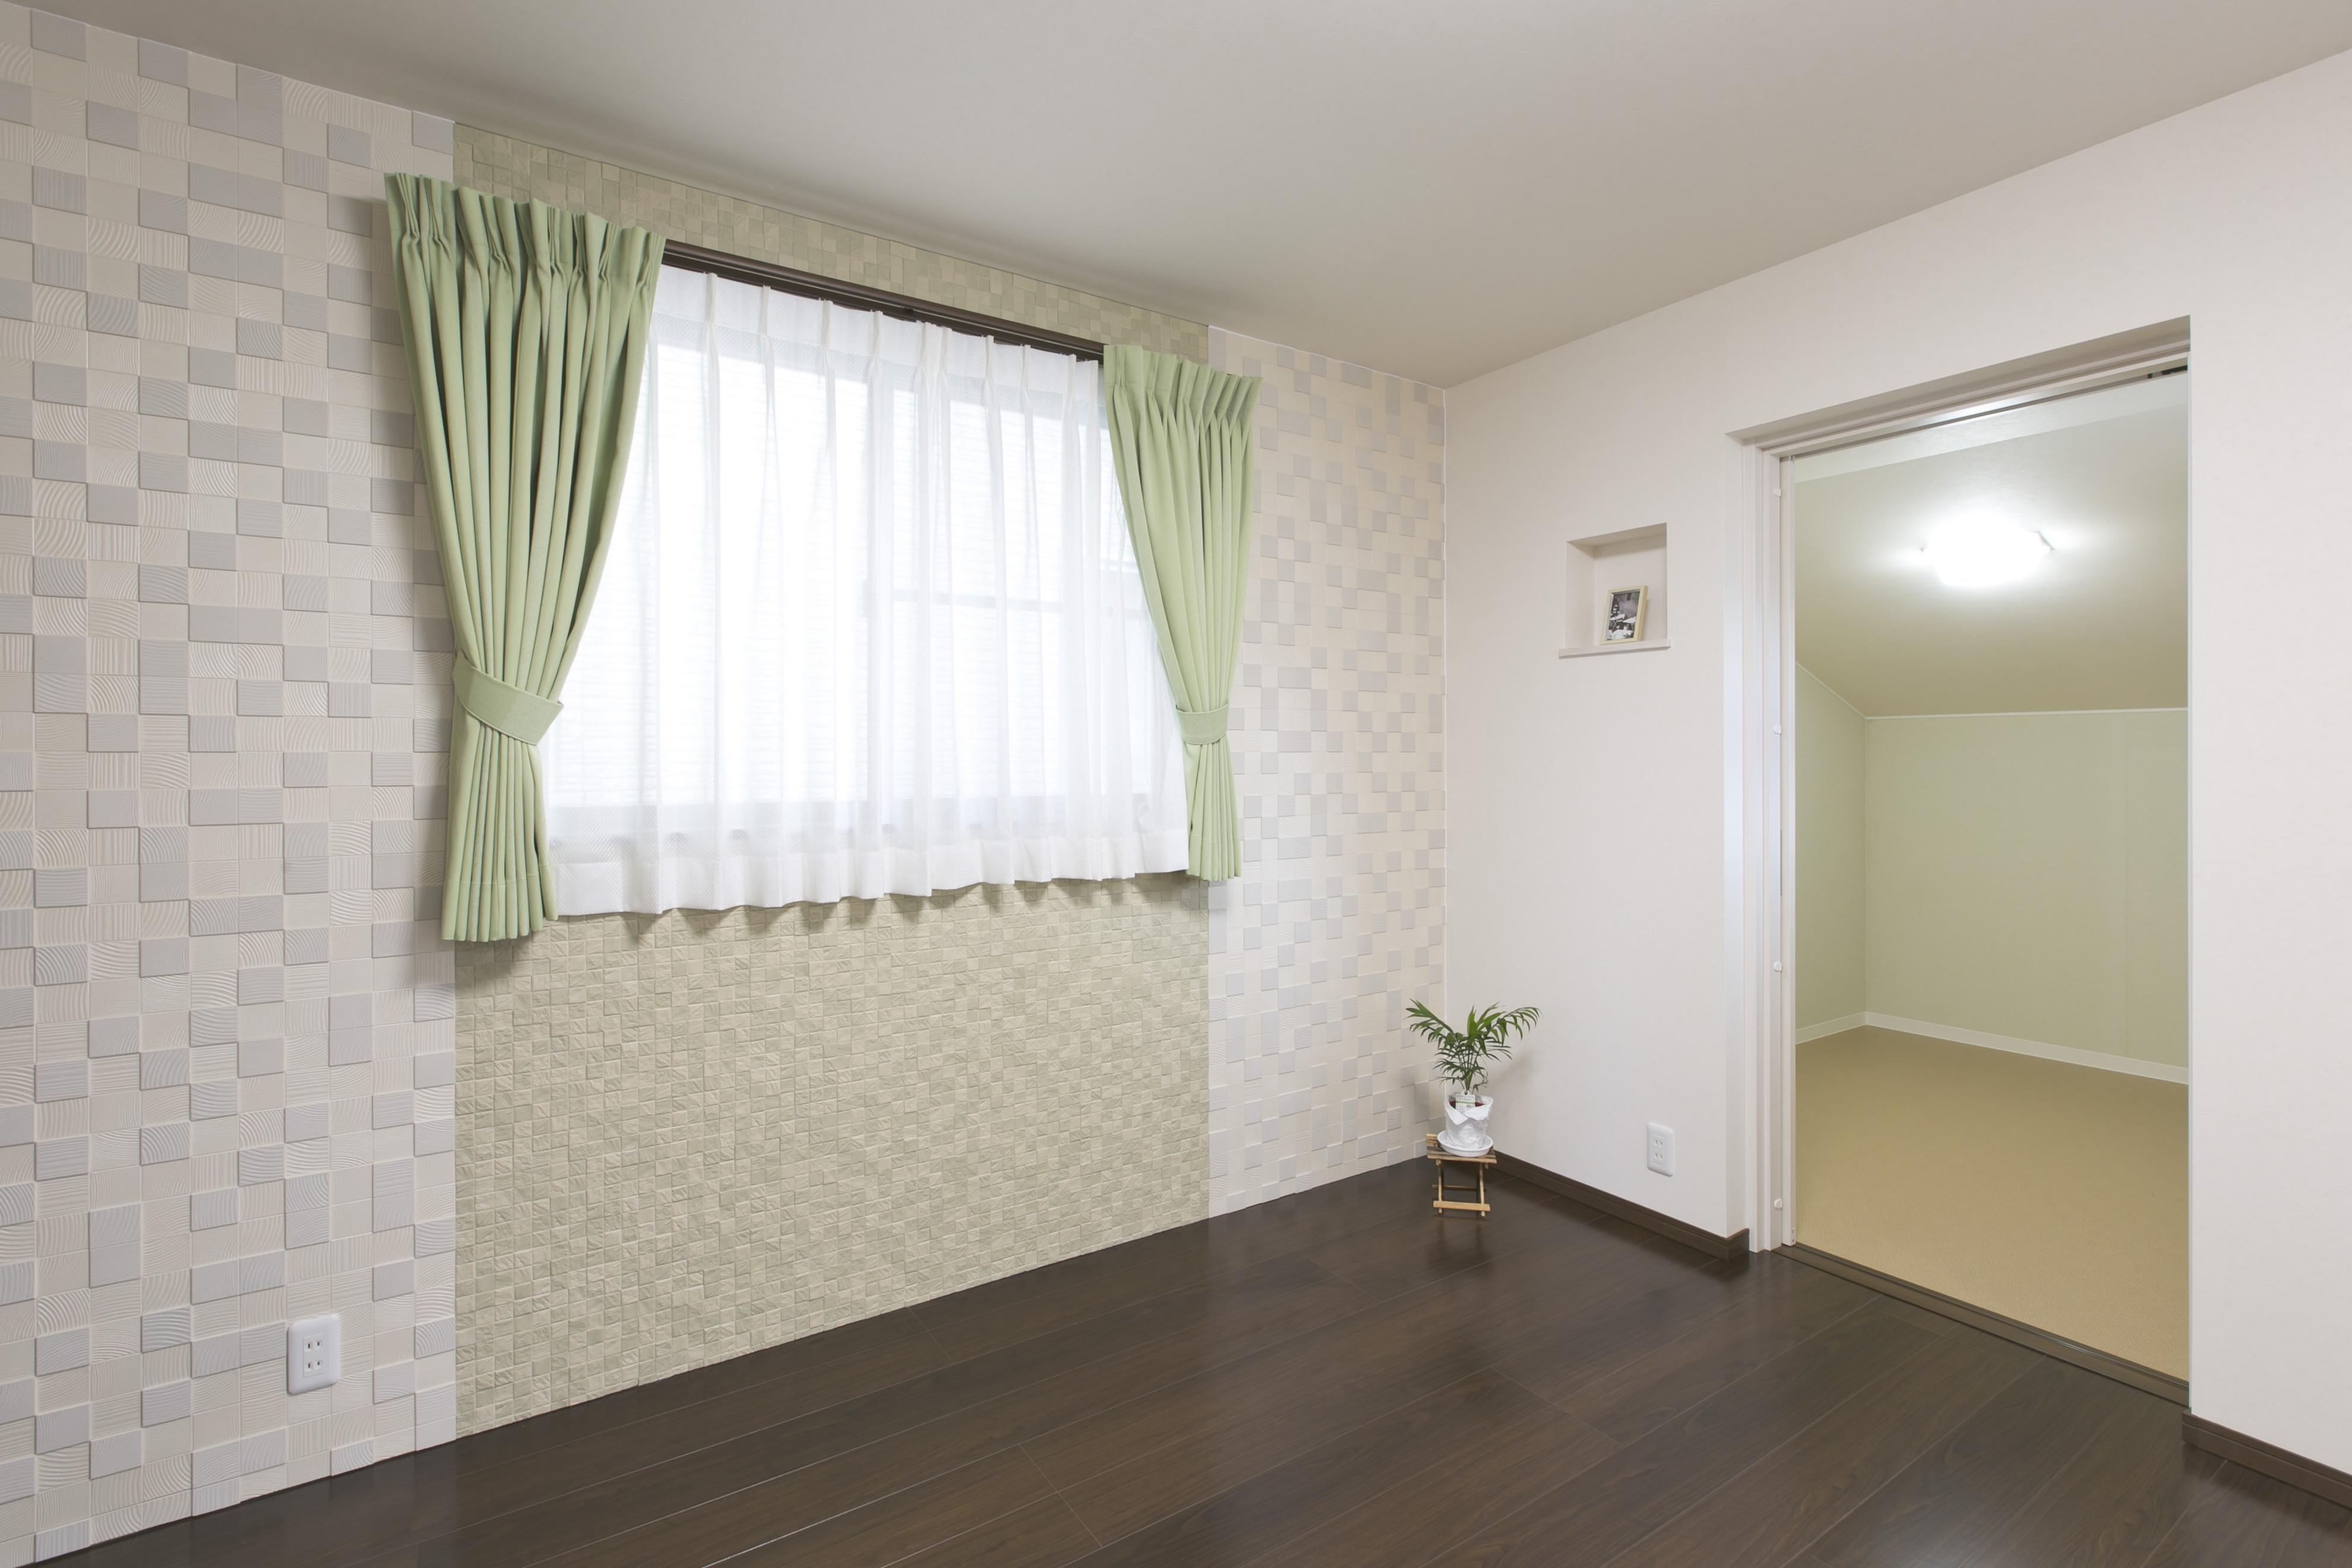 カーテンのある部屋